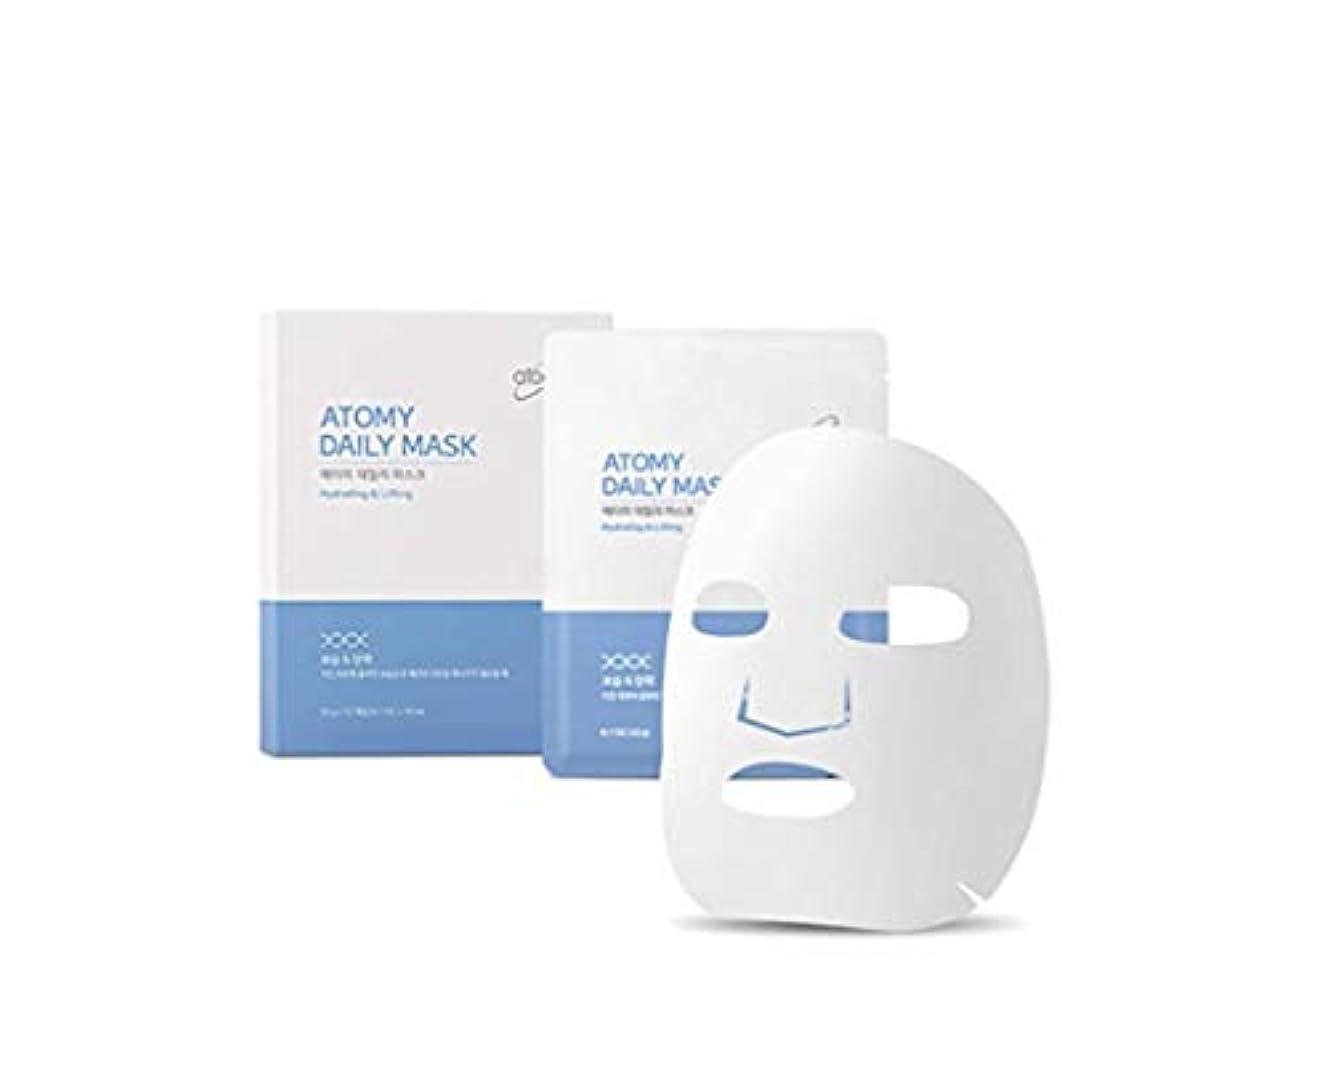 ウッズ練習羊の服を着た狼[NEW] Atomy Daily Mask Sheet 10 Pack- Hydrating & Lifting アトミ 自然由来の成分と4つの特許成分マスクパック(並行輸入品)